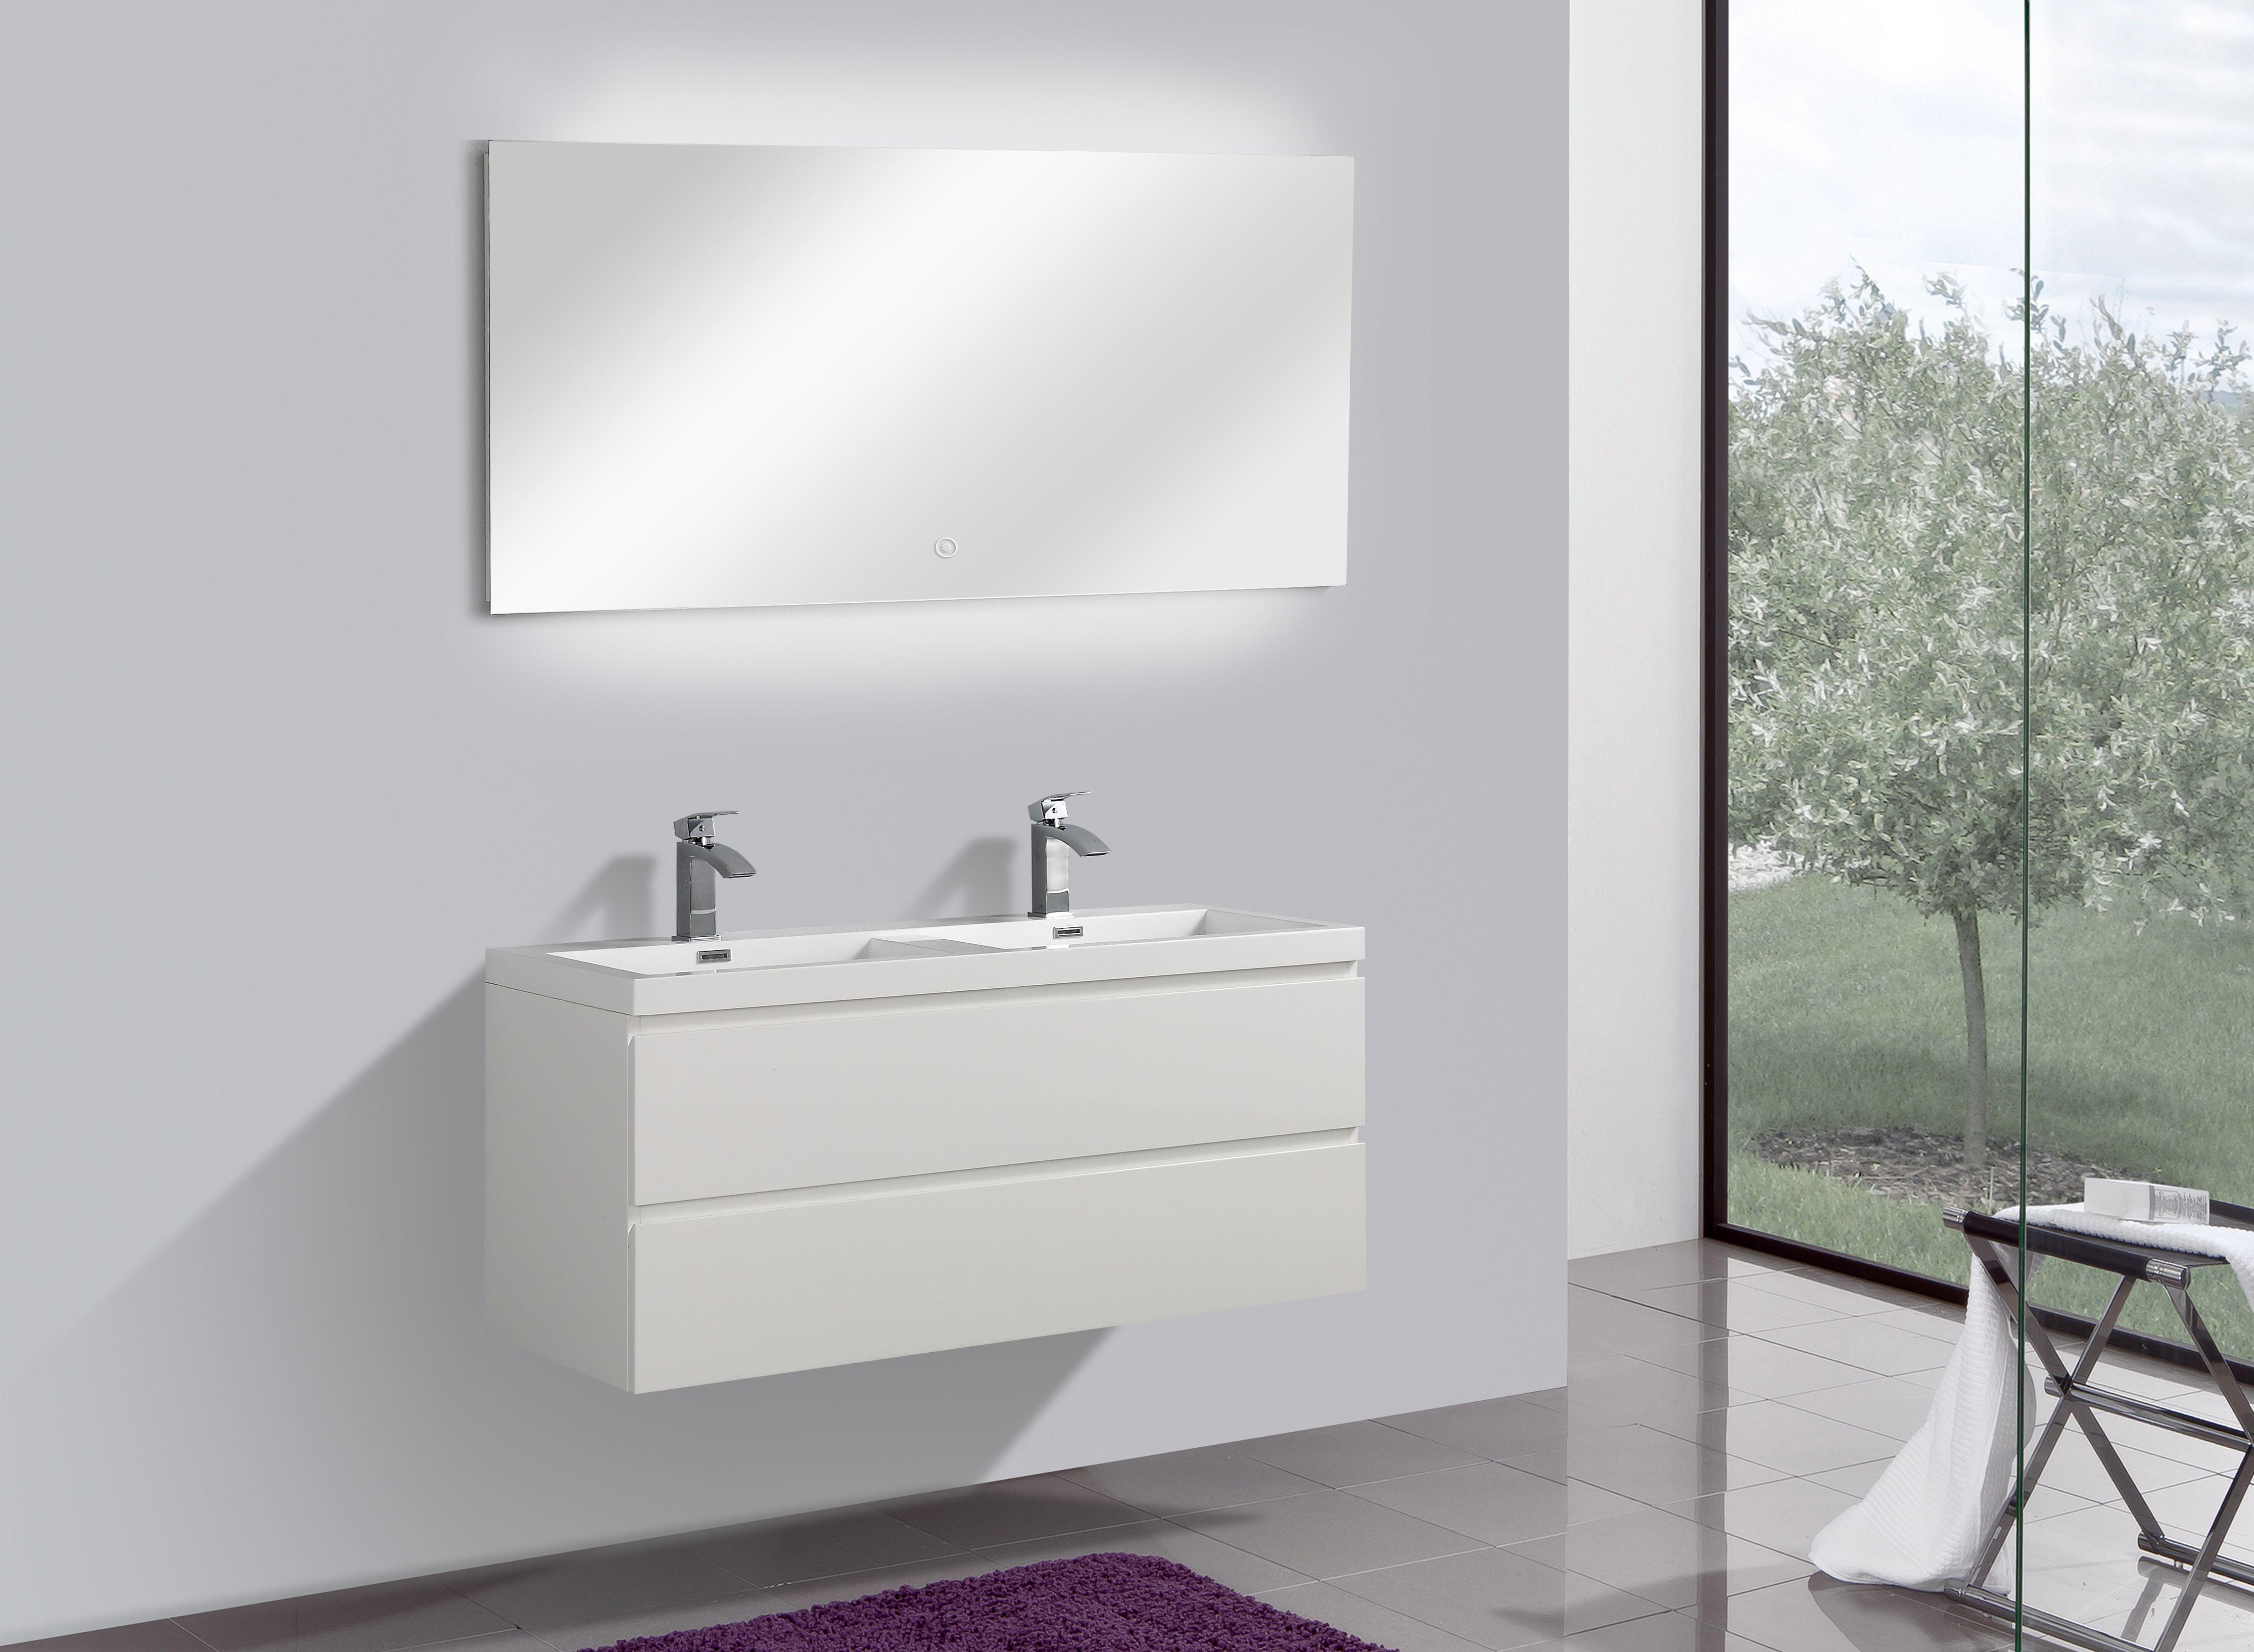 Badmöbel Unterschrank SWIFT 120 inkl. Doppelwaschtisch (hochglanz-weiß)